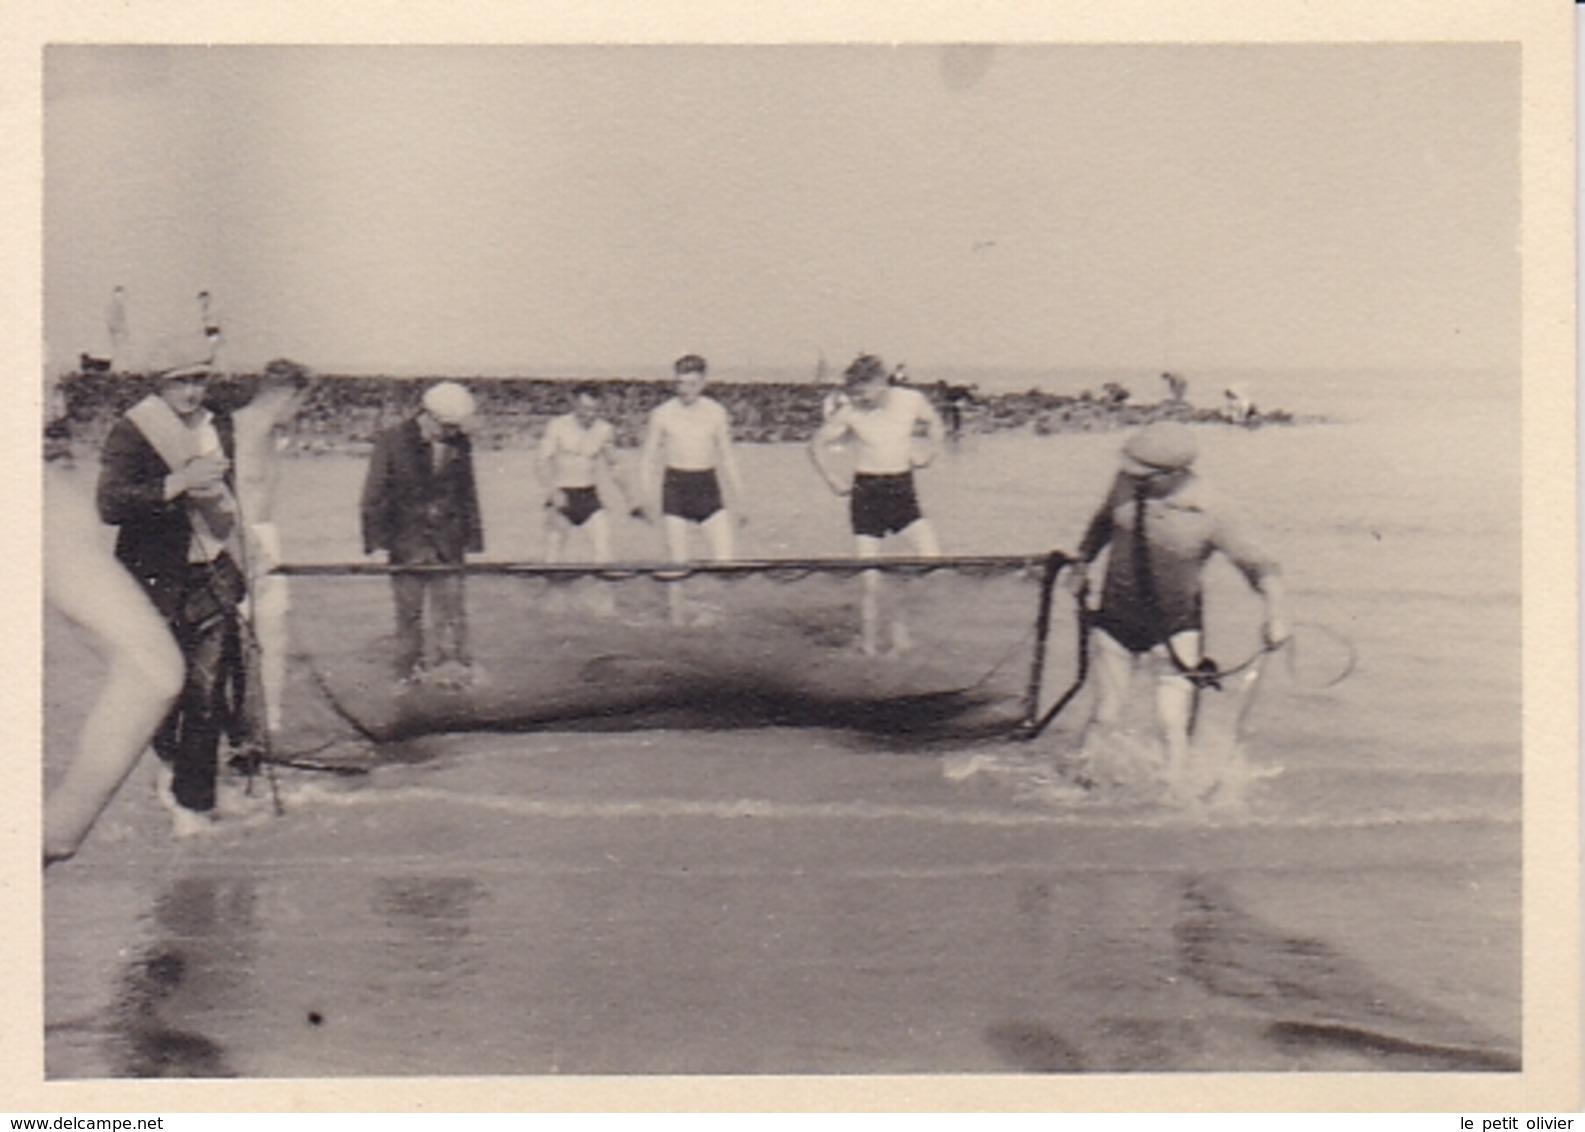 PHOTO ORIGINALE 39 / 45 WW2 WEHRMACHT BELGIQUE OSTENDE SOLDATS ALLEMANDS A LA PECHE - Guerre, Militaire